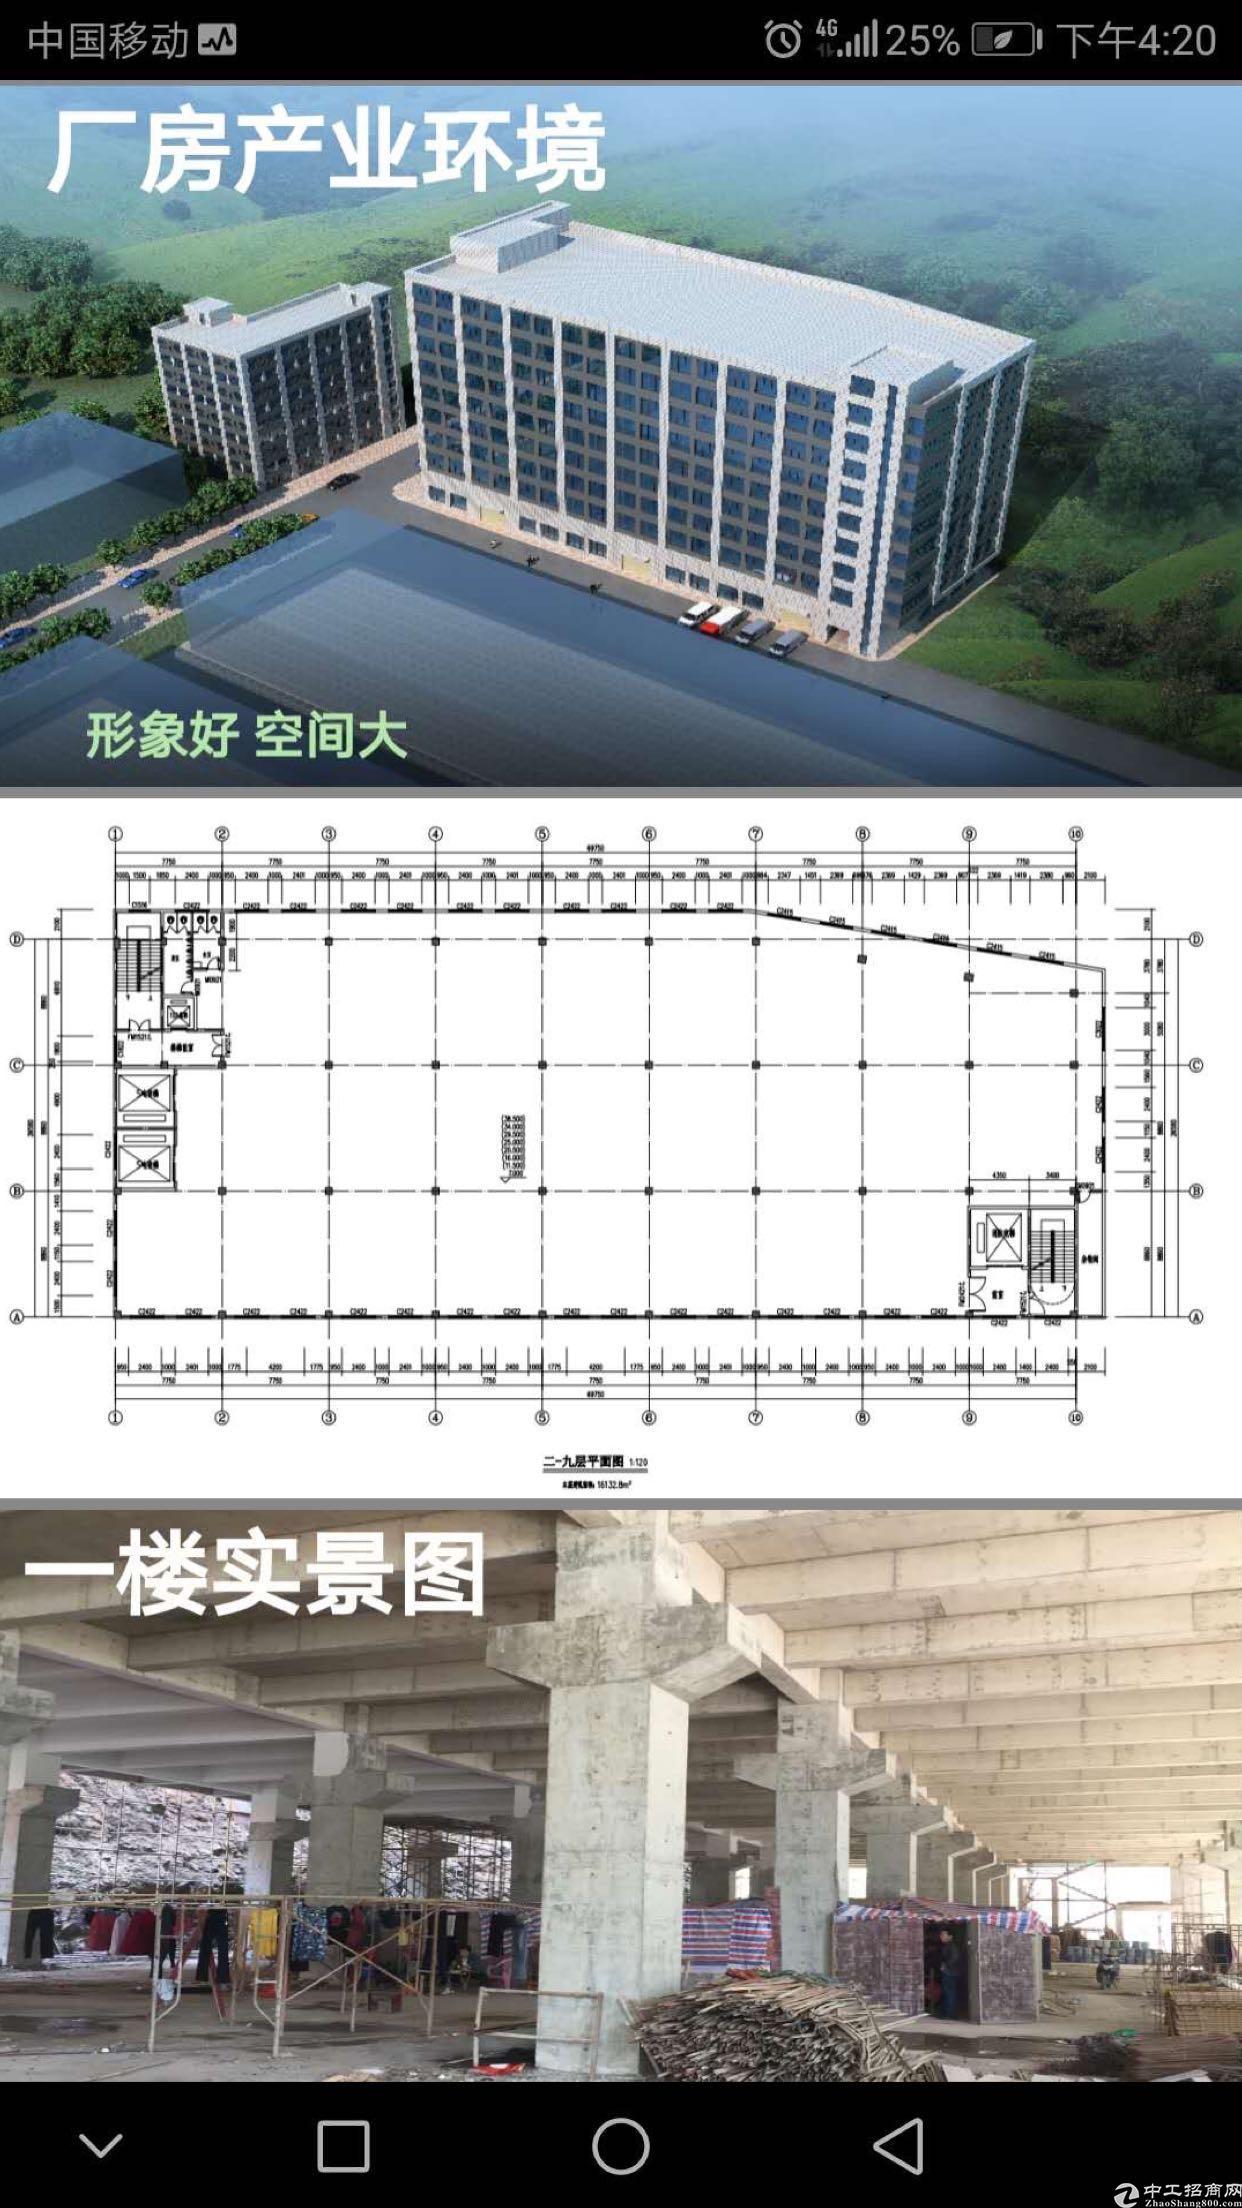 东莞大岭山厂房18062平方米可分层出售,每层约2000平方